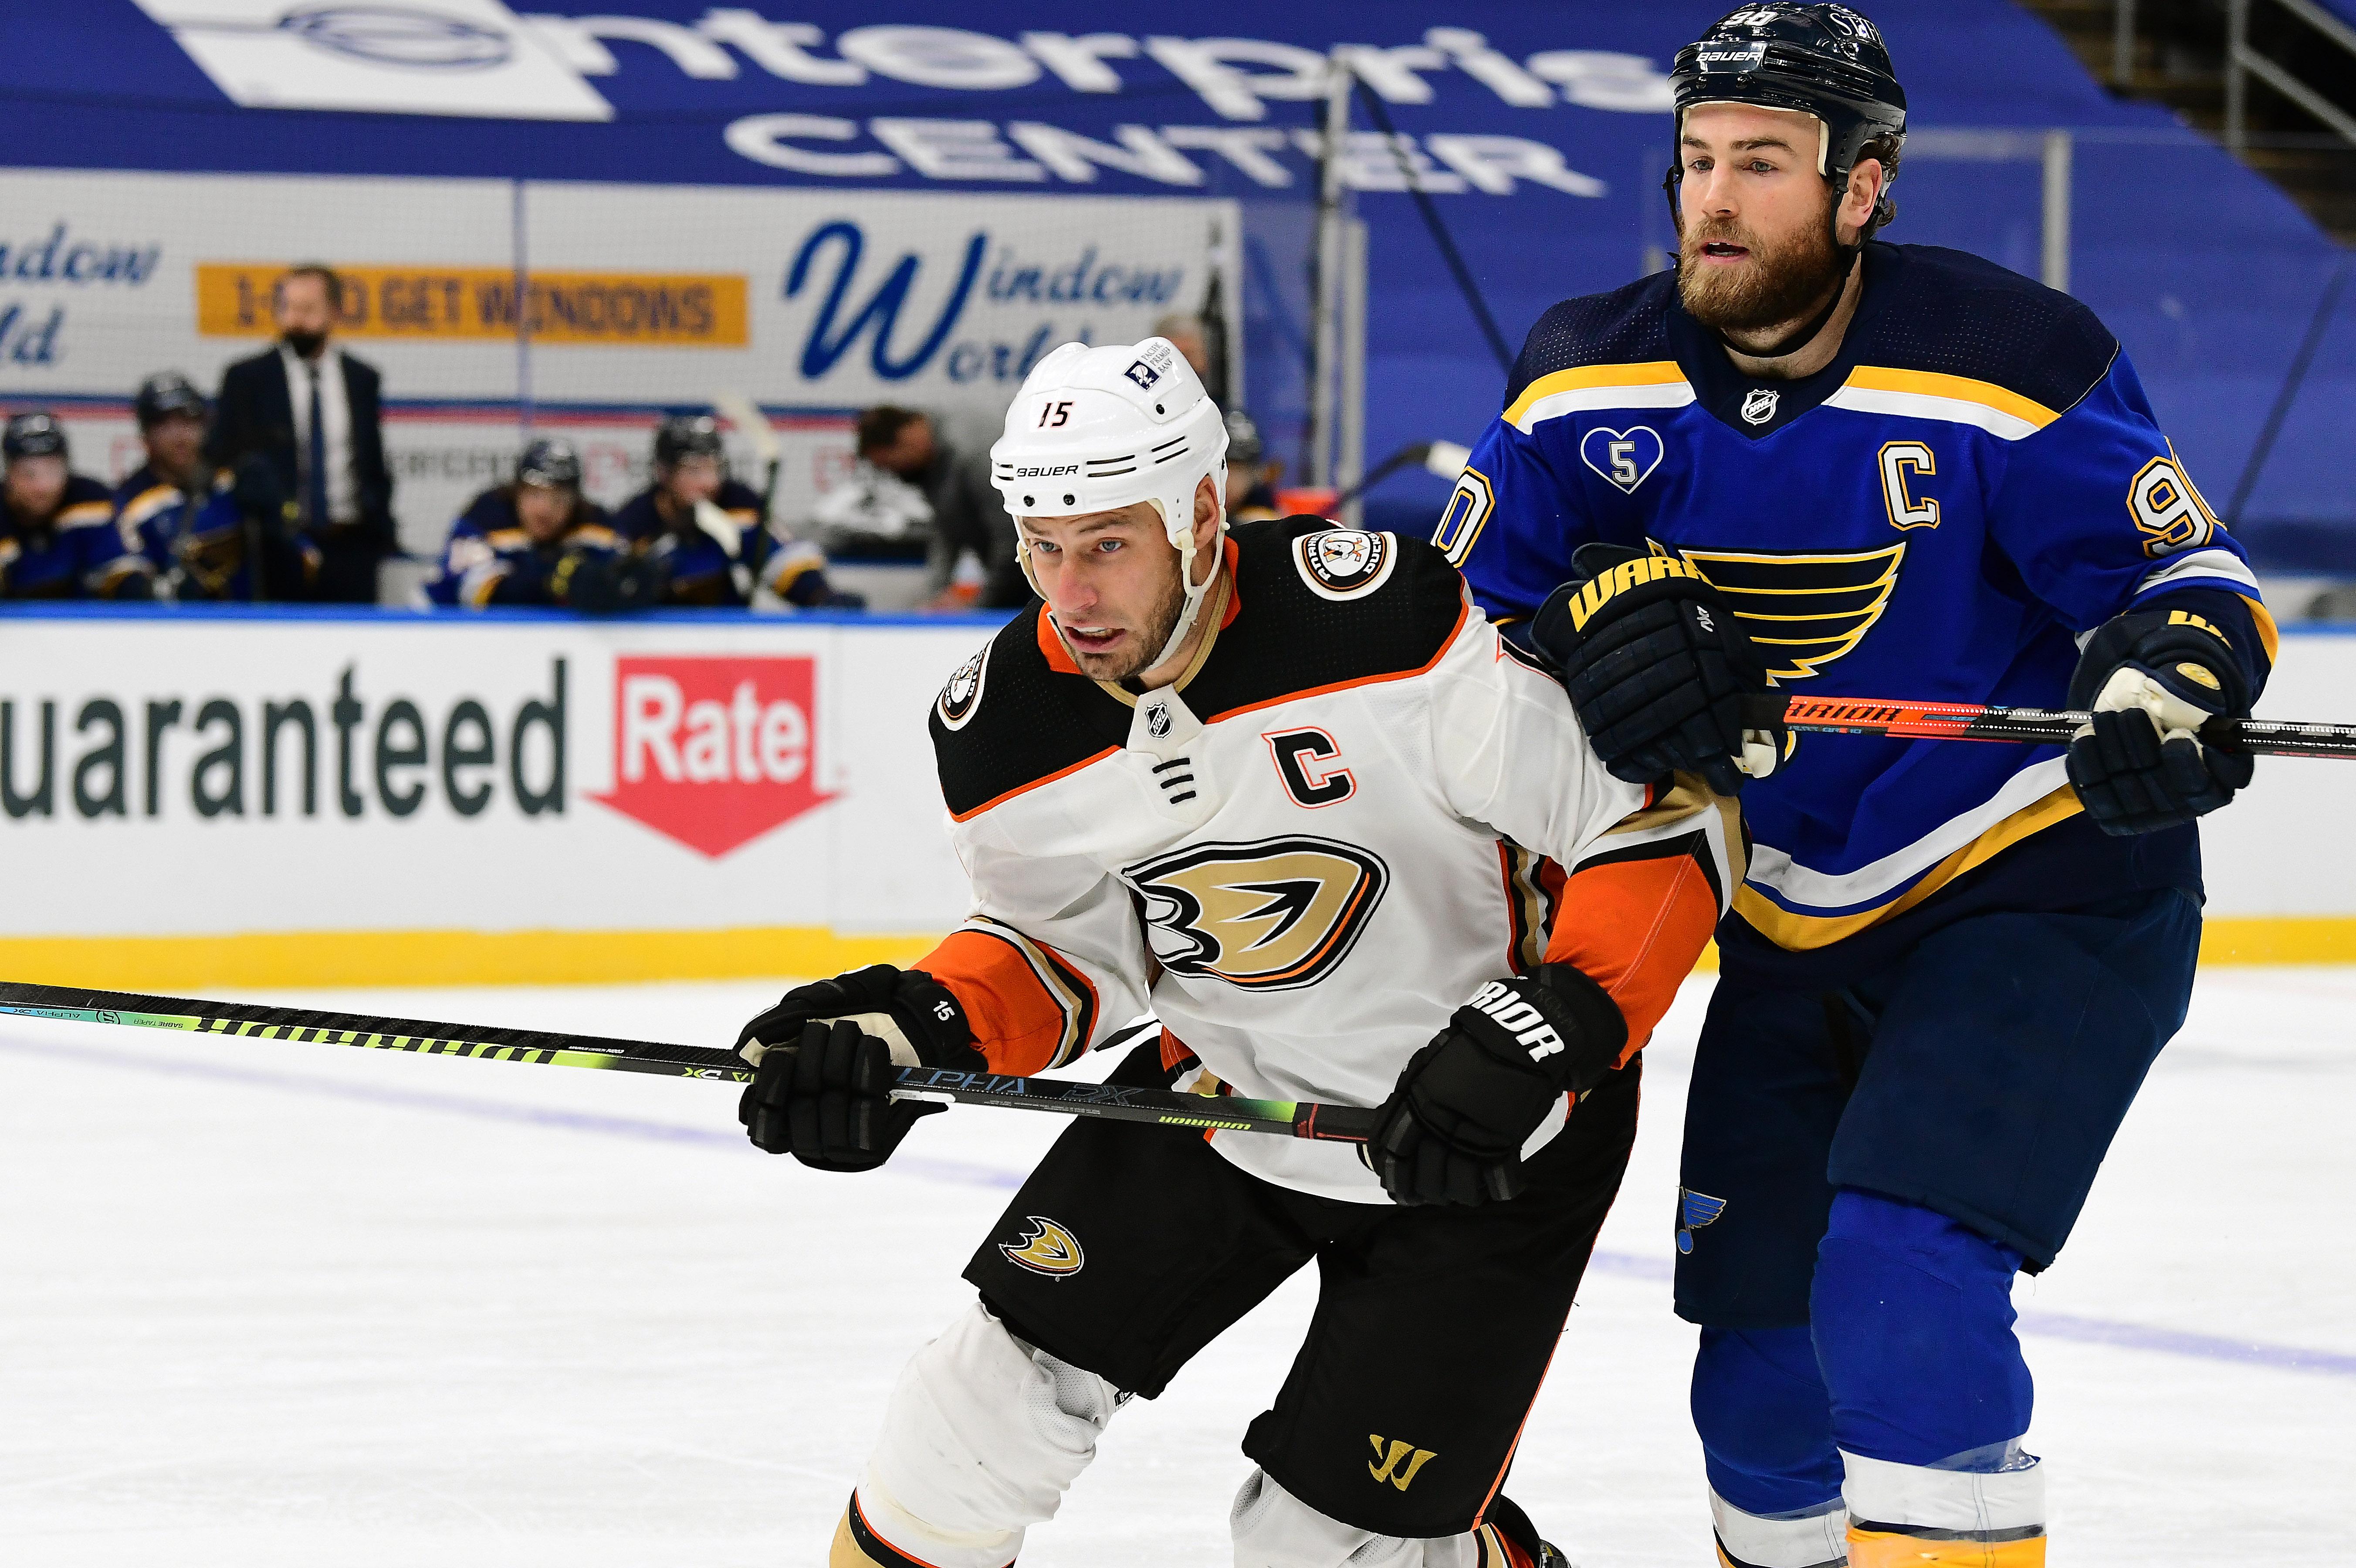 NHL: MAR 28 Ducks at Blues